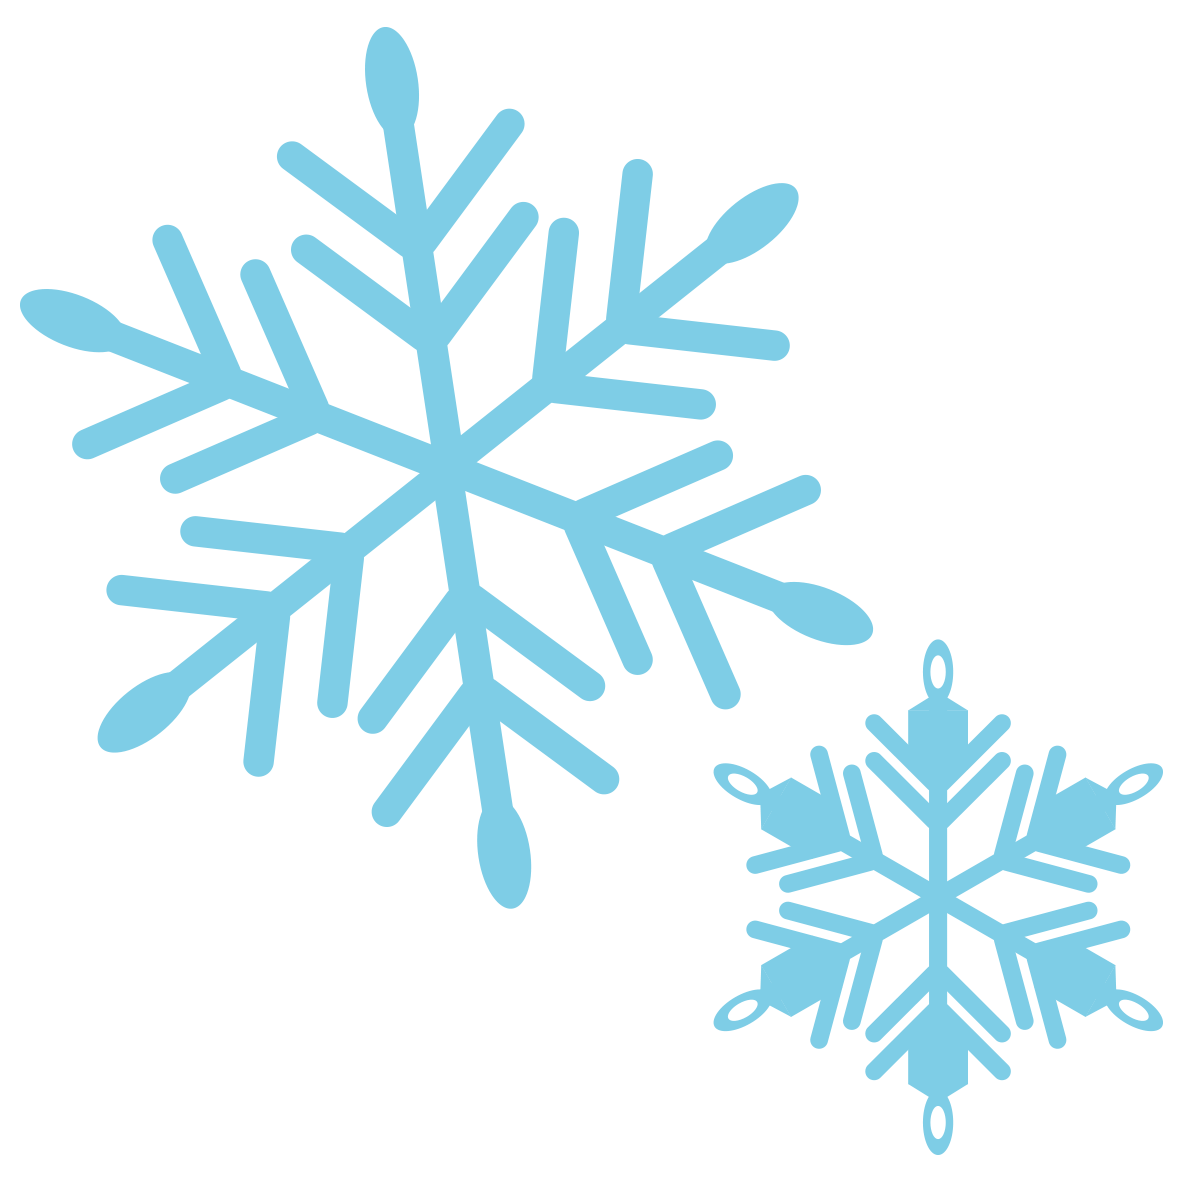 雪の結晶イラスト